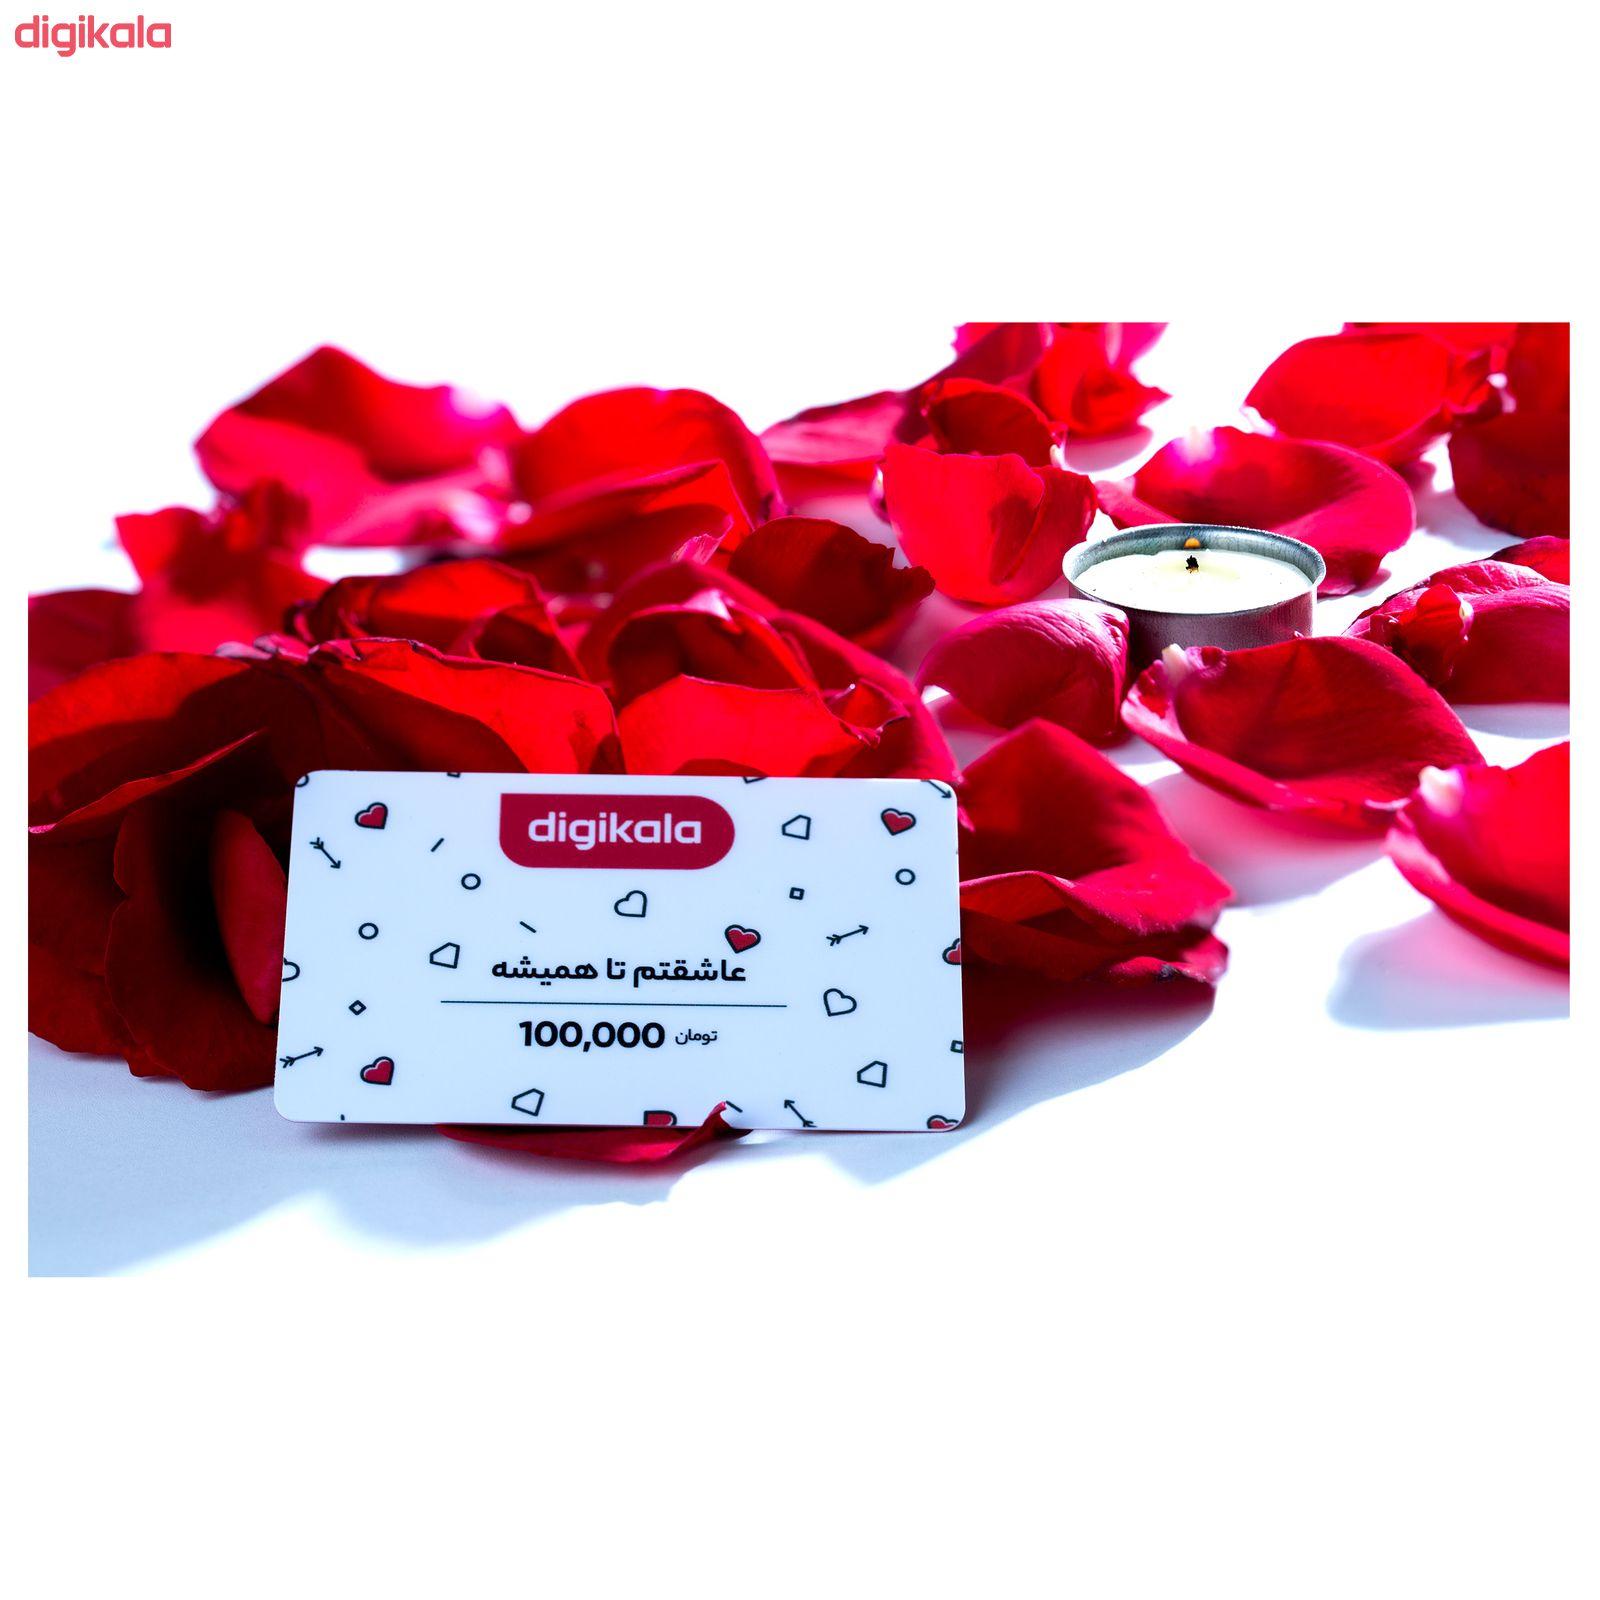 کارت هدیه دیجی کالا به ارزش 100,000 تومان طرح قلب main 1 4